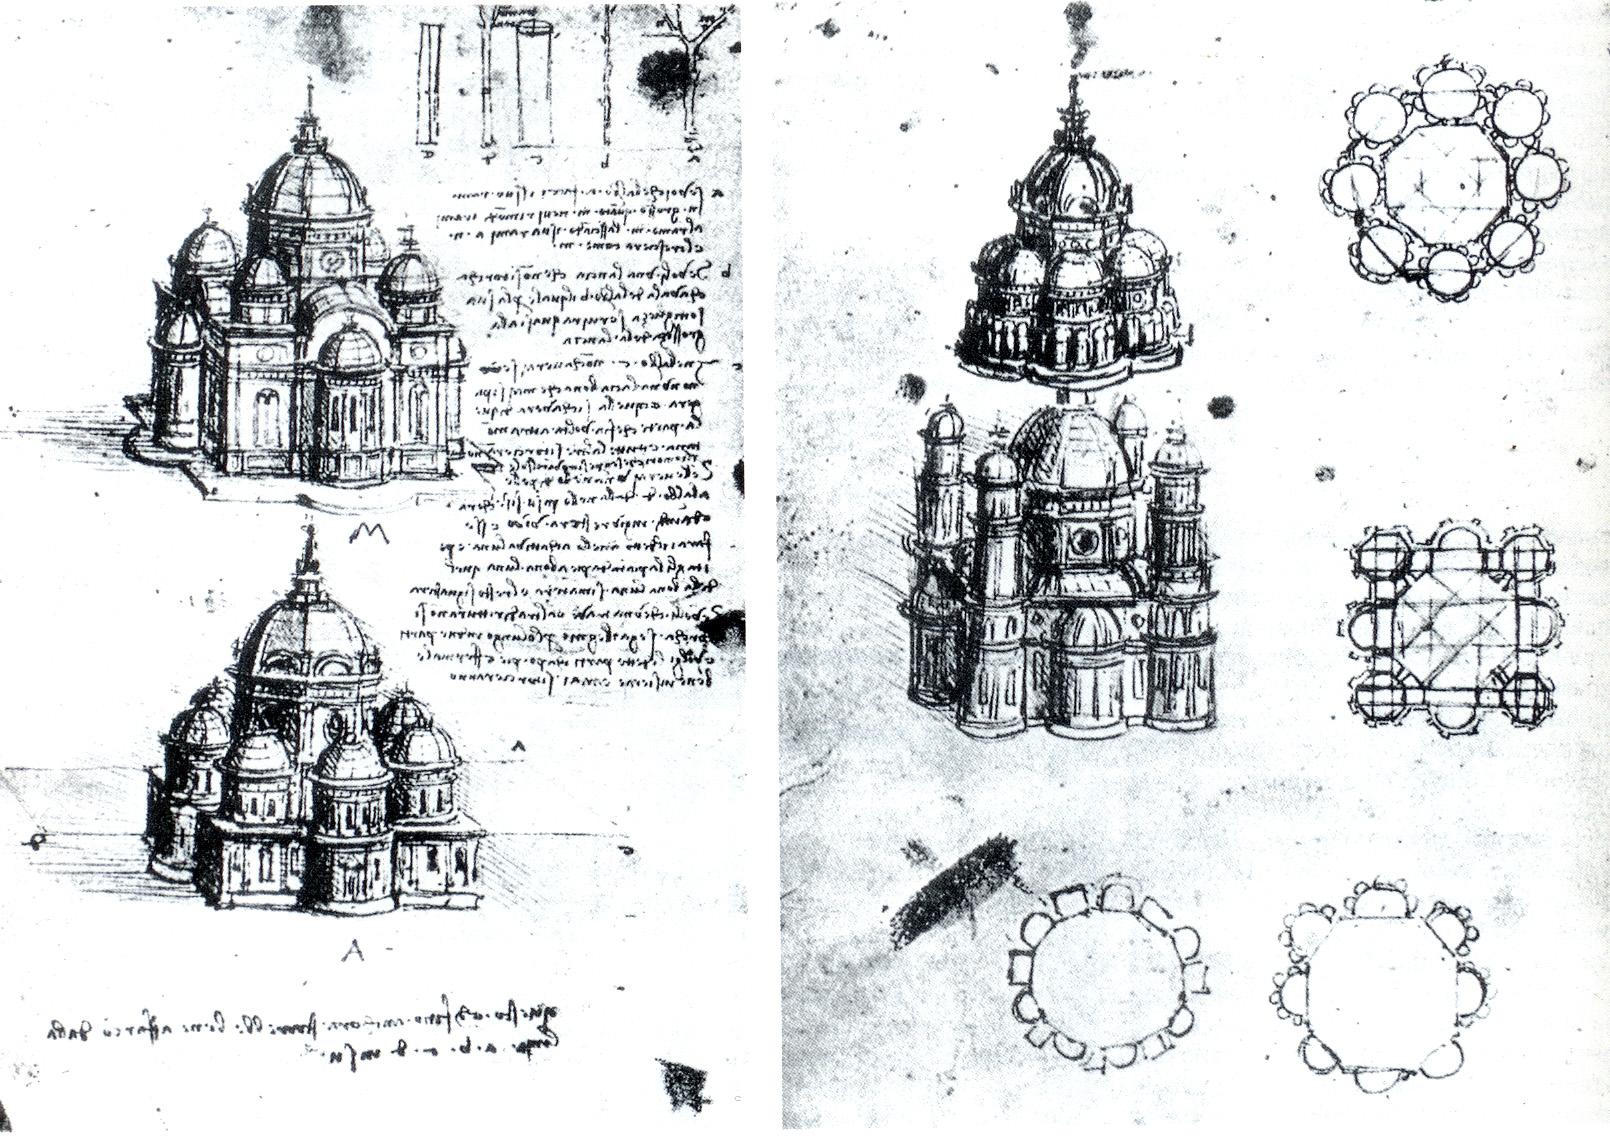 2017.05.19_il disegno a mano libera_Leonardo-disegni-pianta-centrale